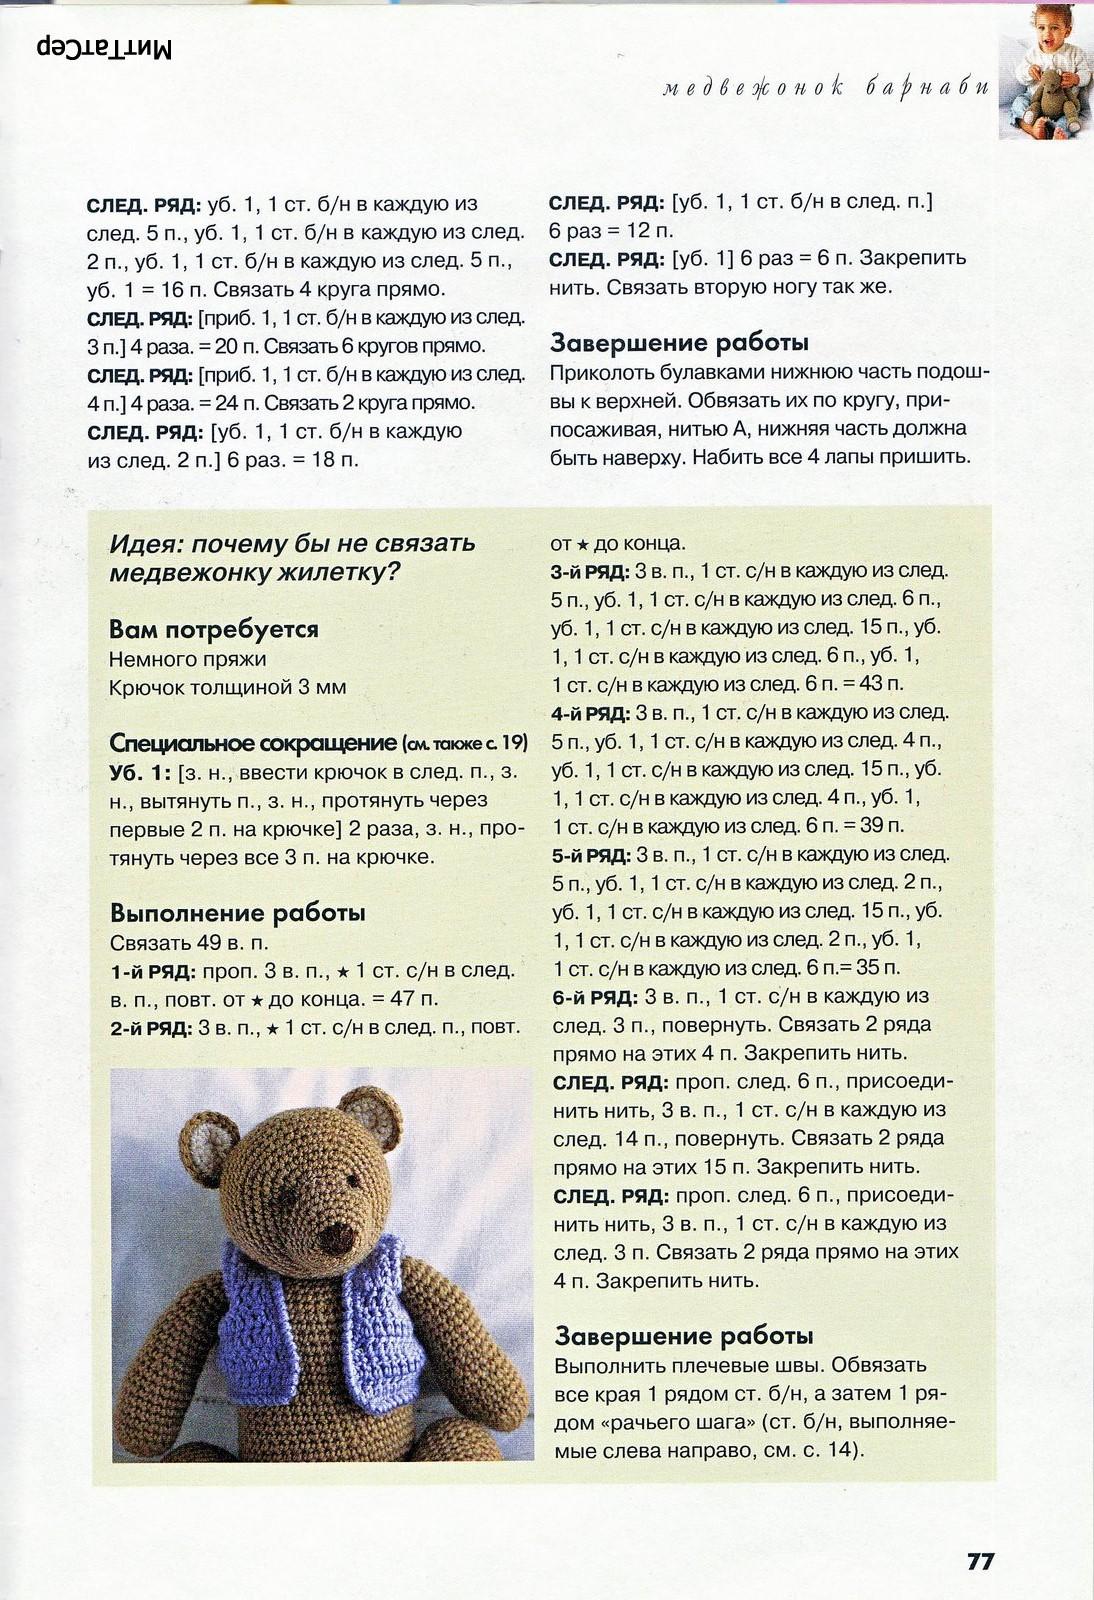 Как связать медведя спицами схема и описание